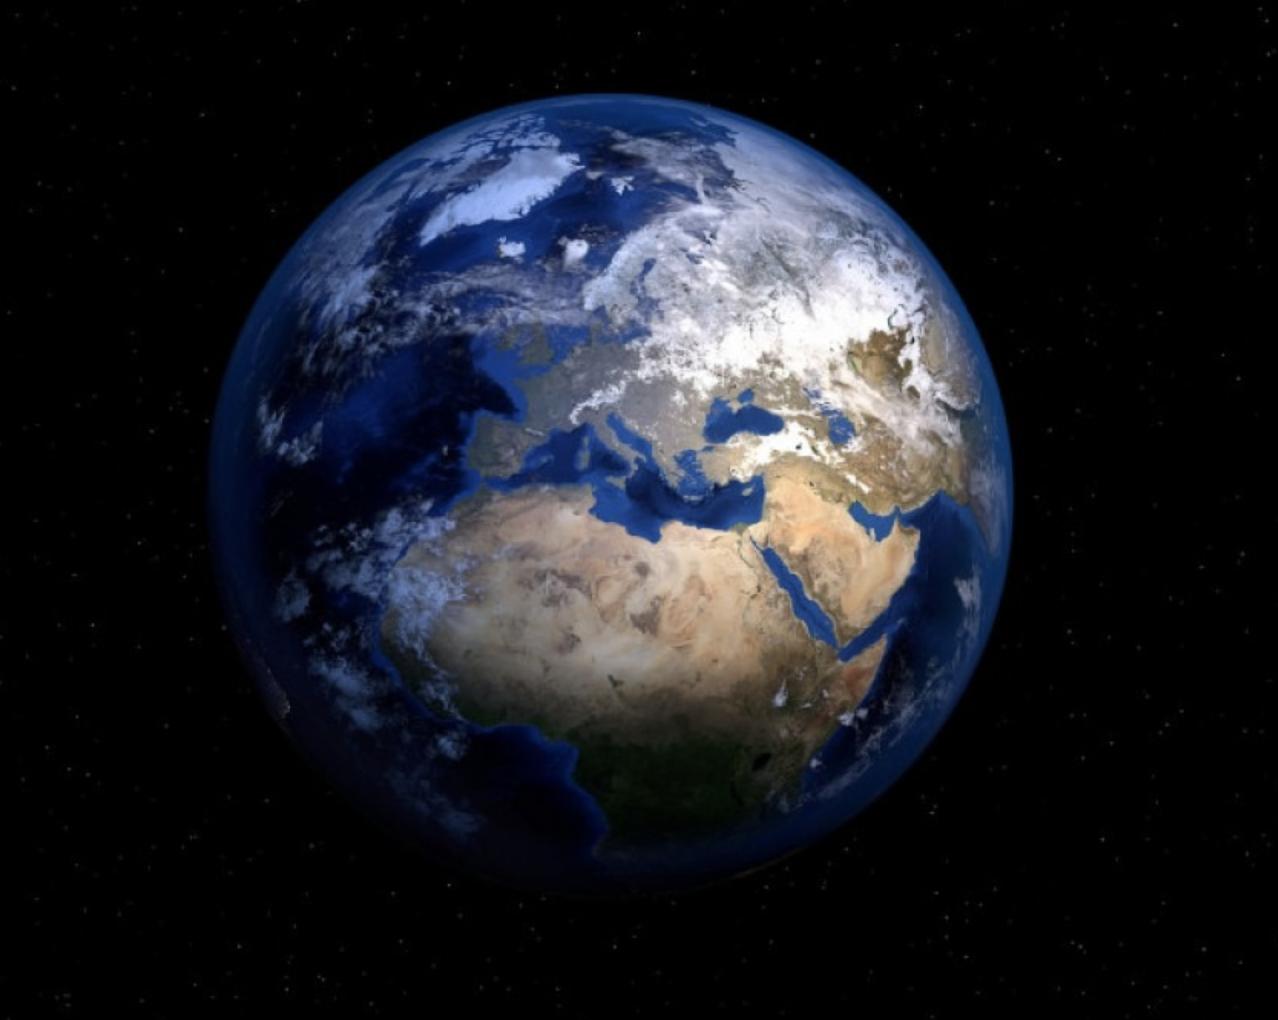 Científicos encuentran evidencia de una capa adicional en el interior del planeta